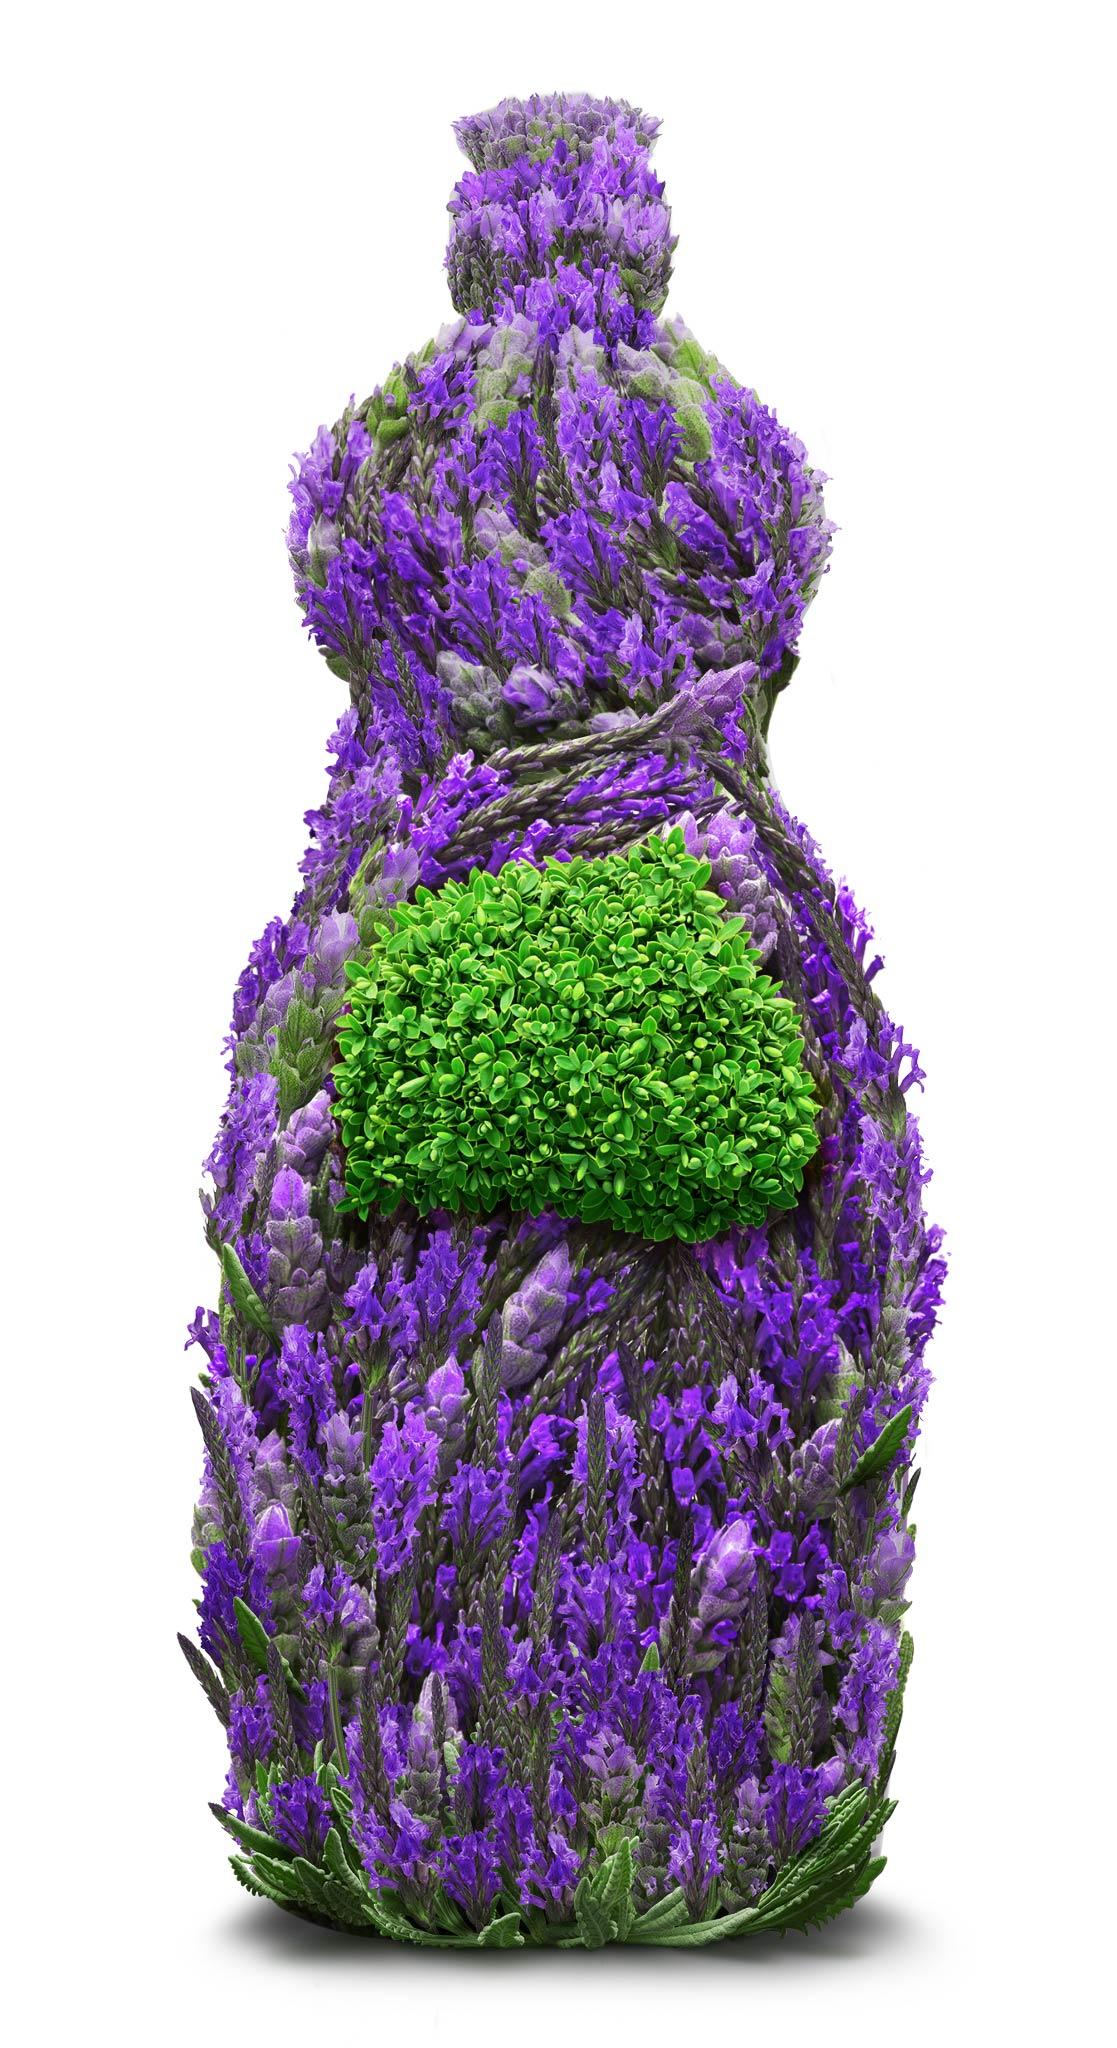 Lavender_DishWashing_10.jpg